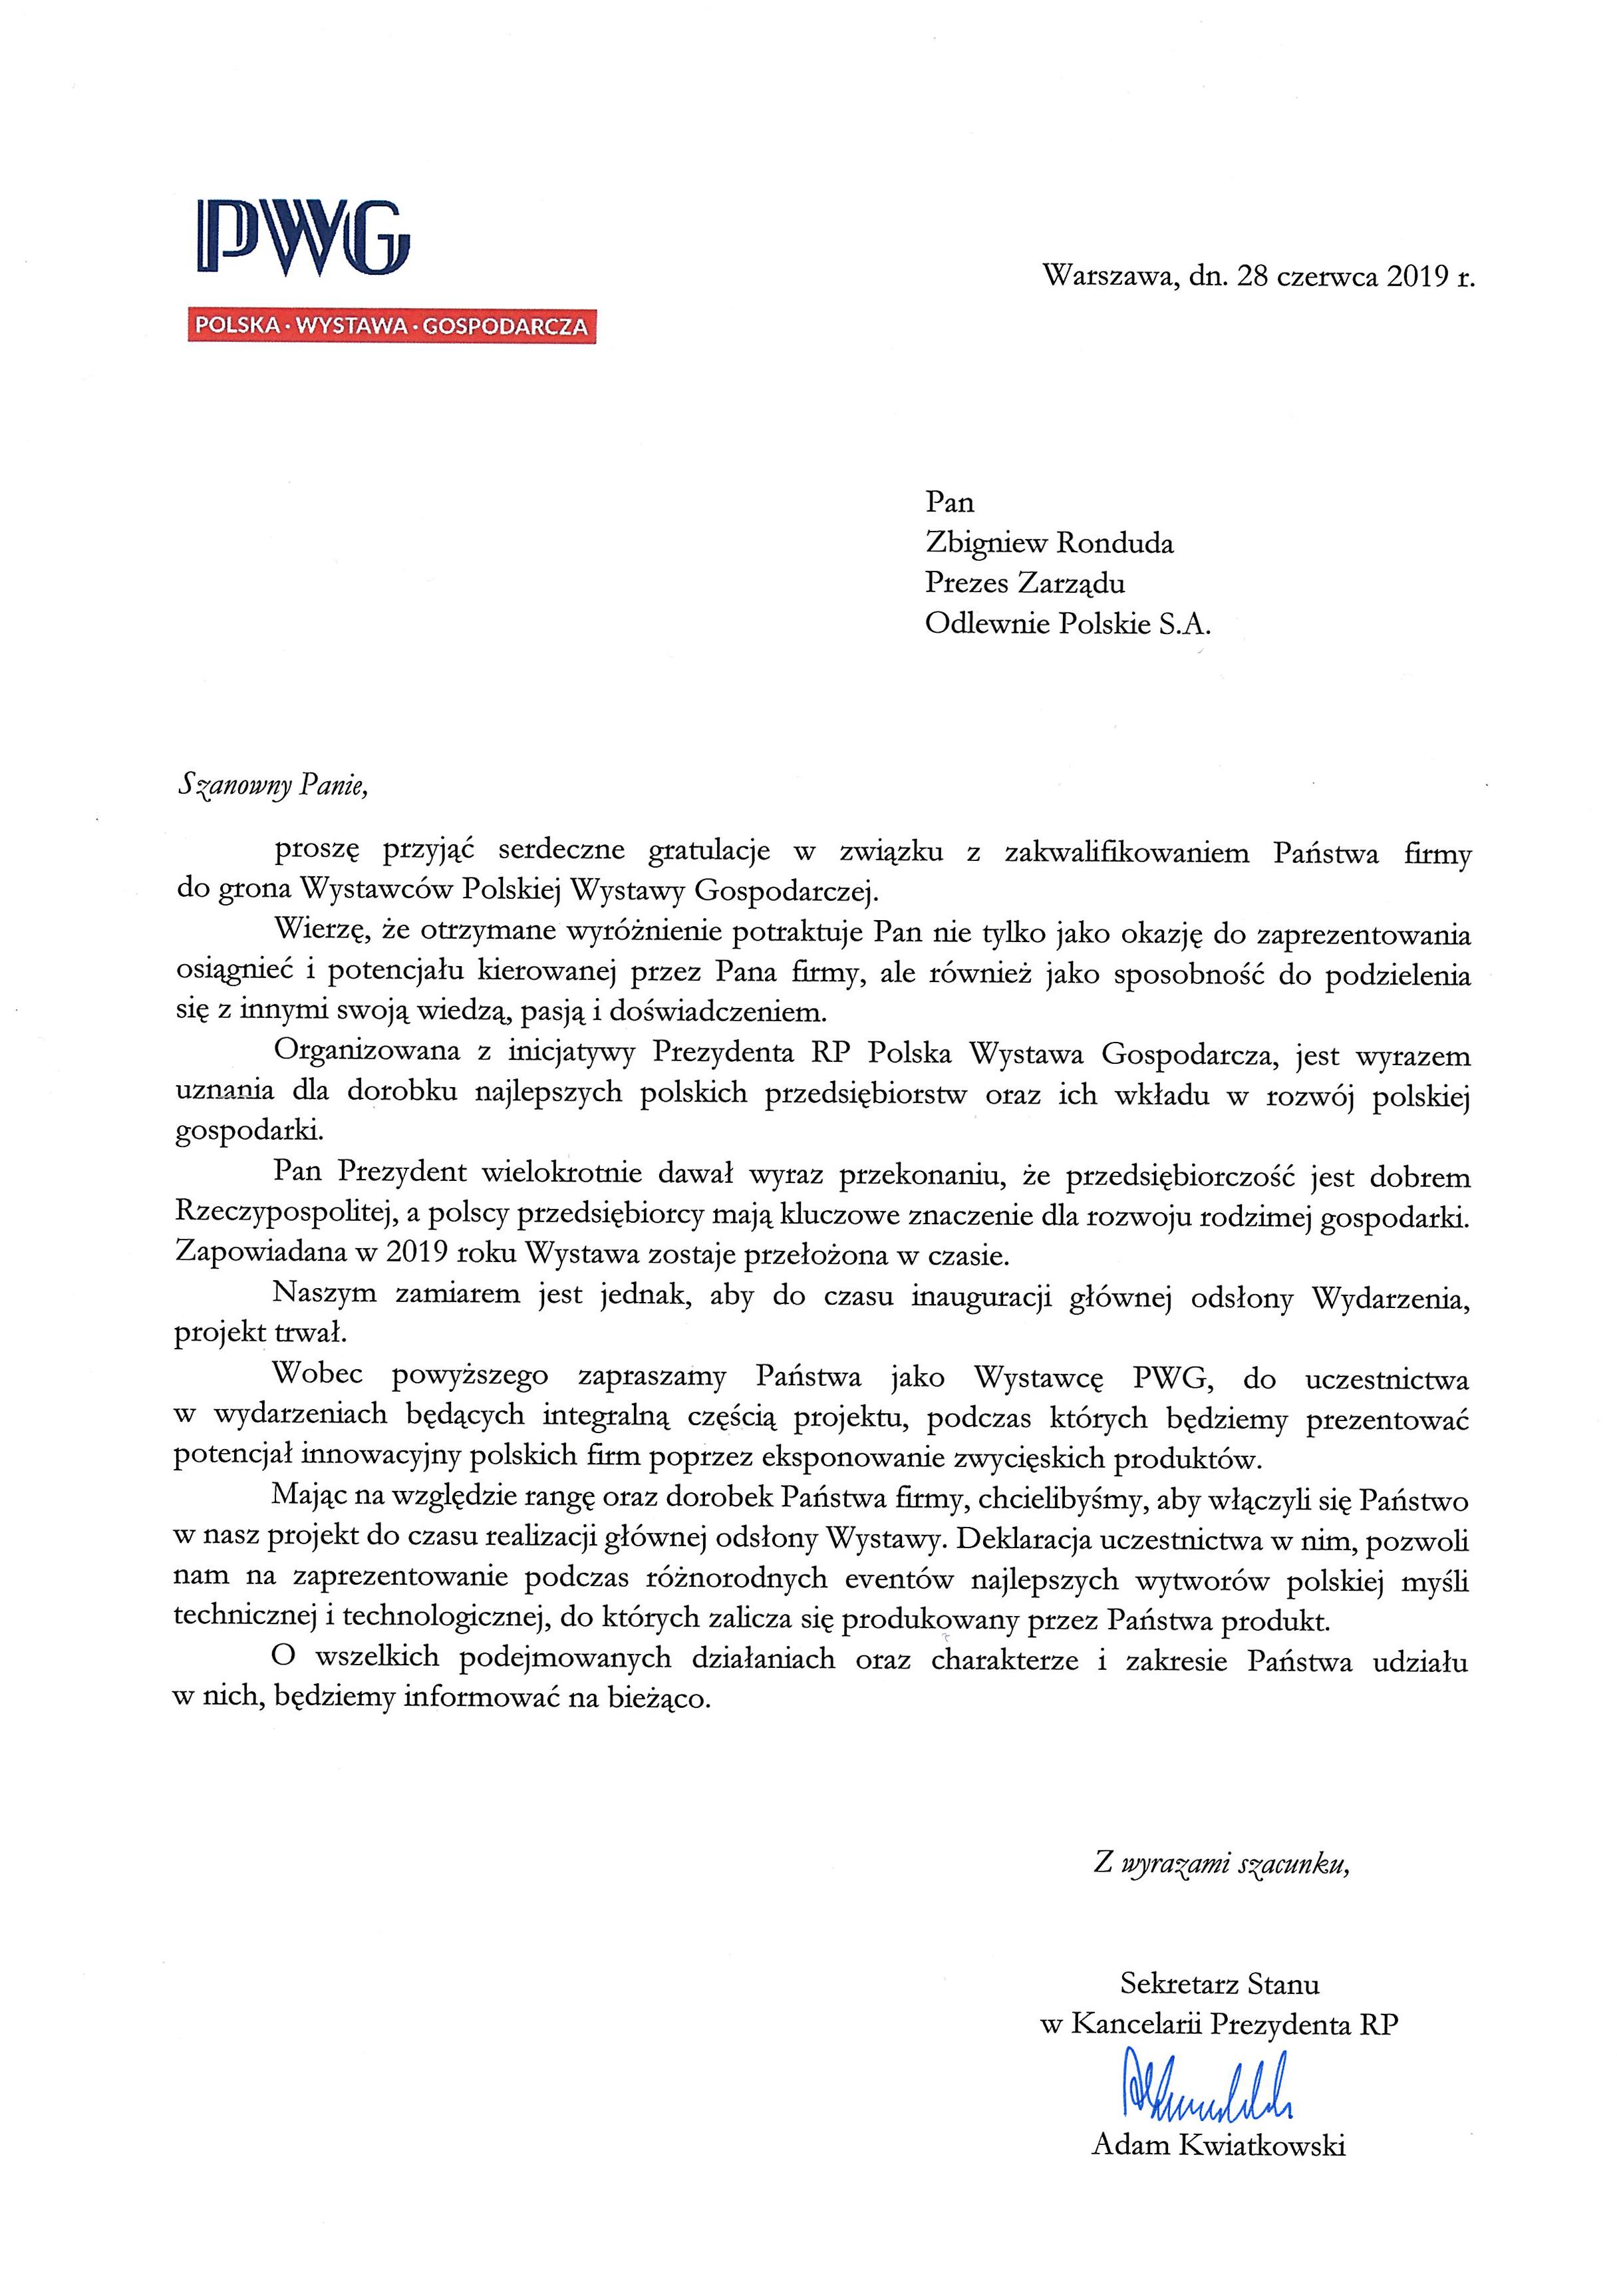 PWG_list_gratulacyjny